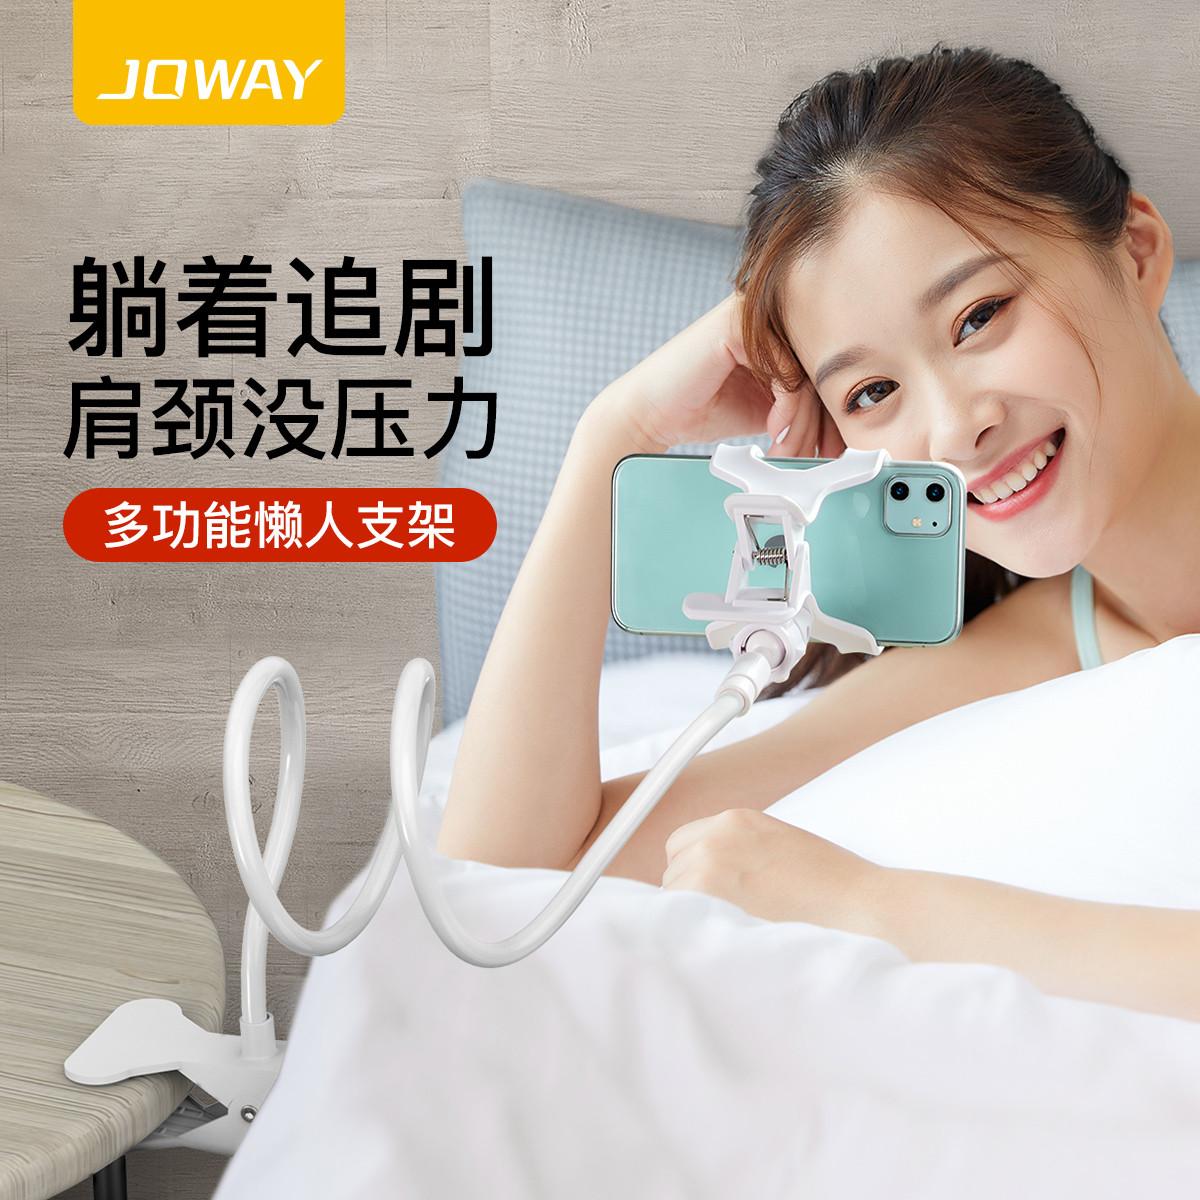 手机支架 床头桌面可调节懒人支架  多功能通用直播手机支架